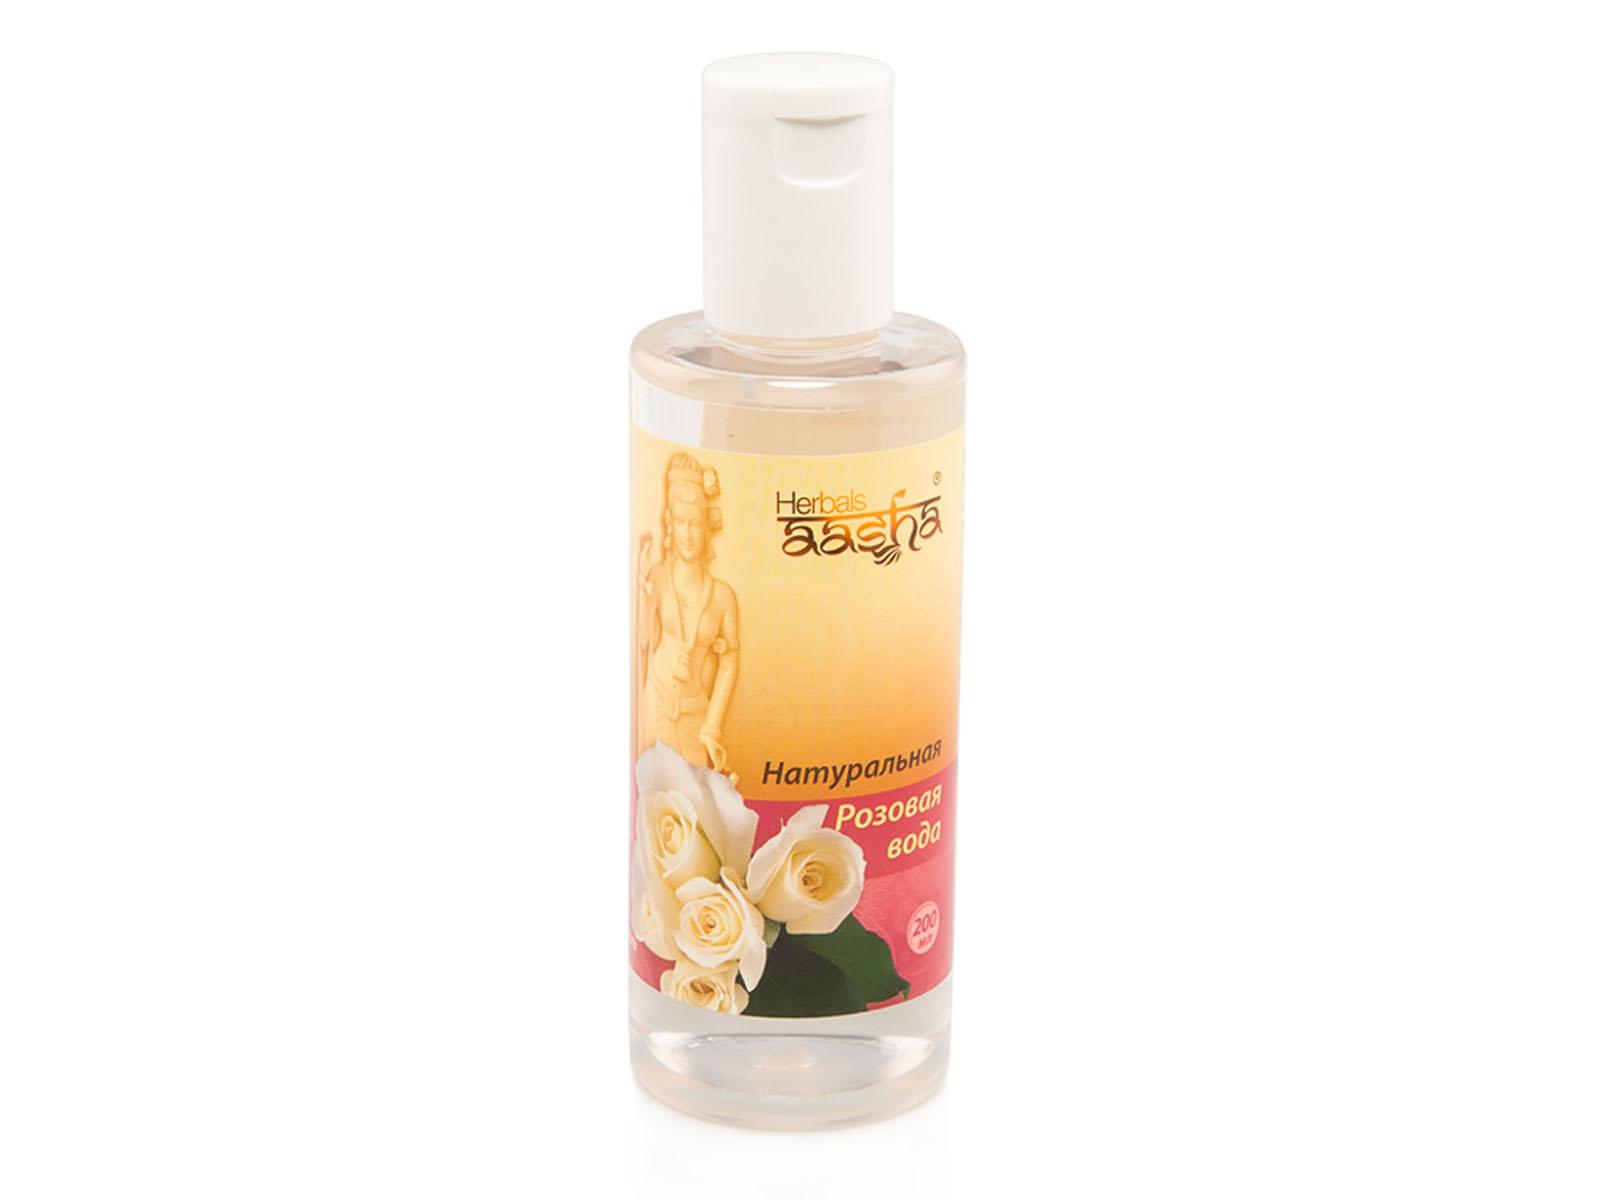 Aasha Herbals Натуральная Розовая вода, 200 млAC-2233_серыйТонизирует и дает ощущение свежести. Обладает выраженным охлаждающим действием, успокаивает кожу. Снимает отечность, устраняет «мешки» и темные круги под глазами. Можно применять как основу для косметических масок. Для любого типа кожи